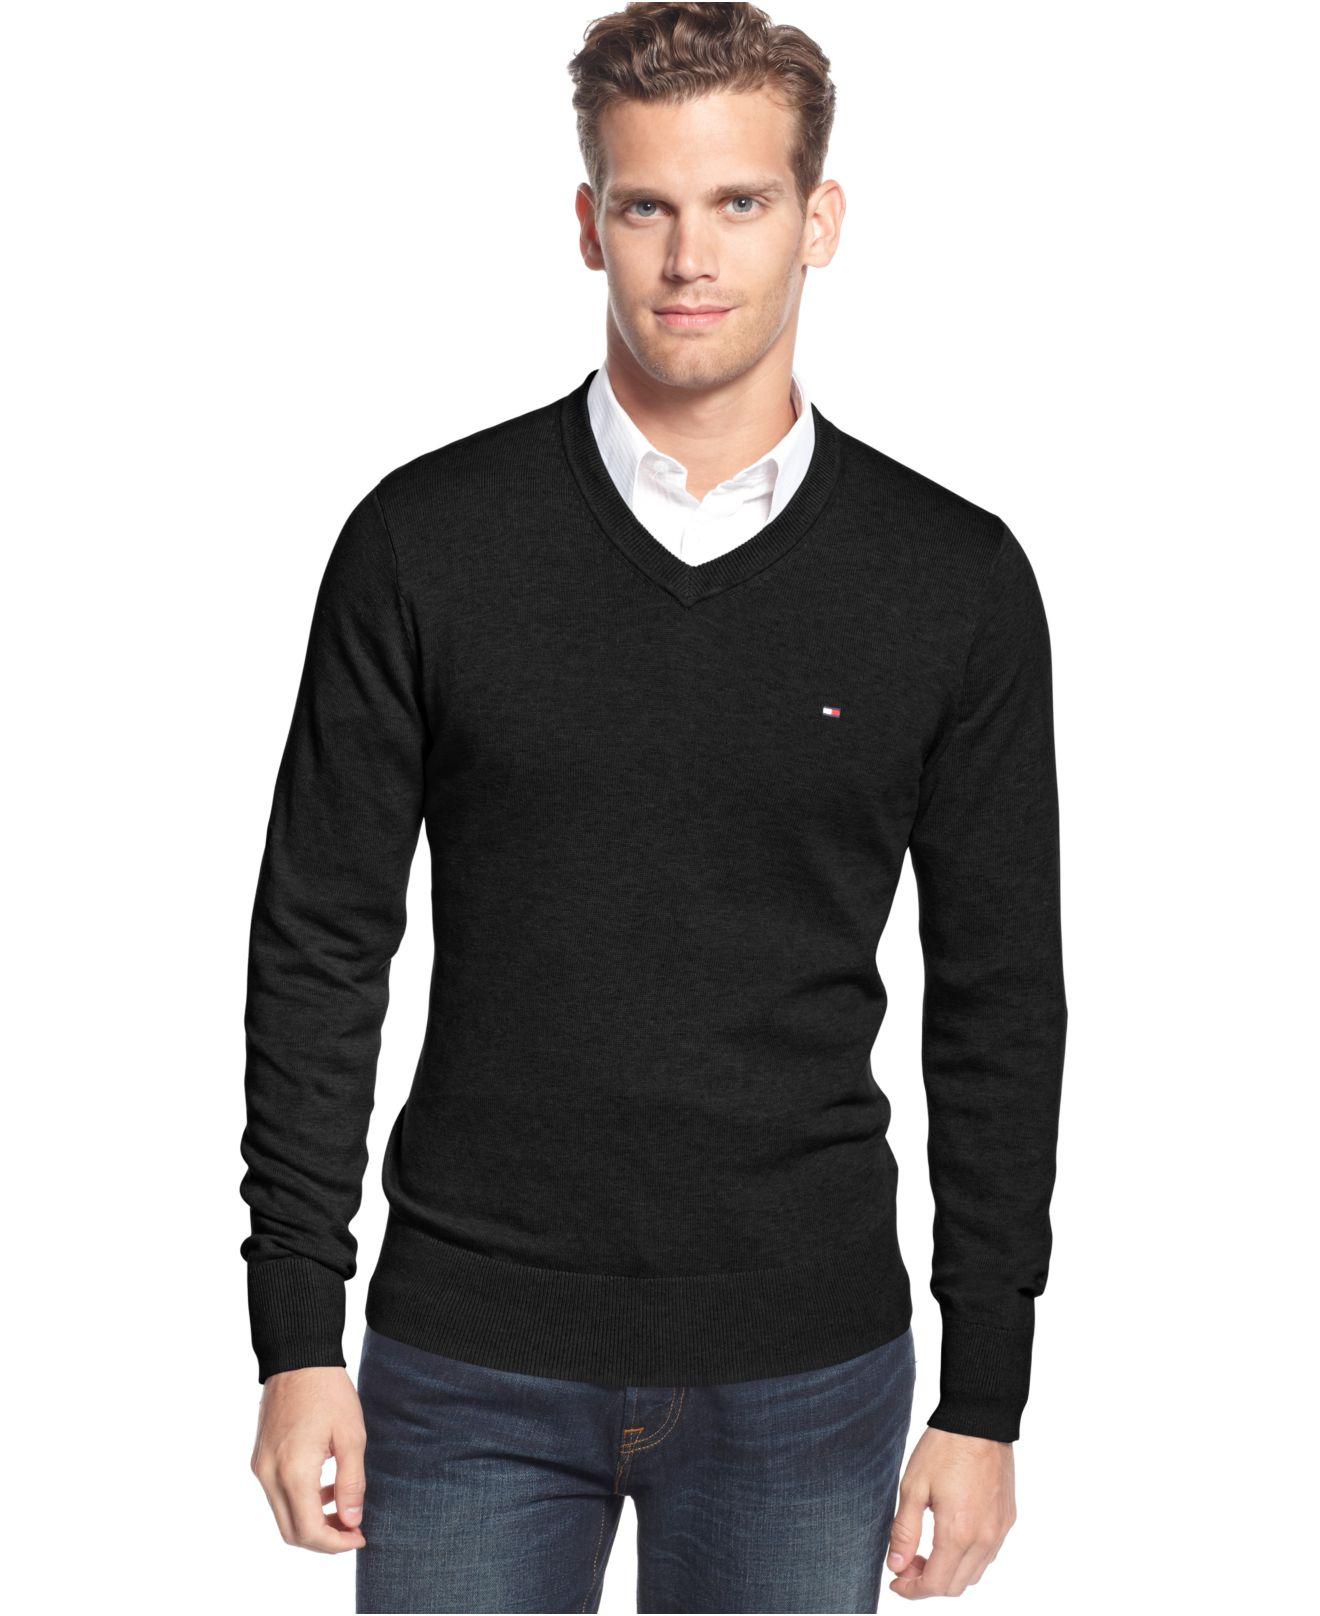 tommy hilfiger signature v neck sweater in black for men. Black Bedroom Furniture Sets. Home Design Ideas